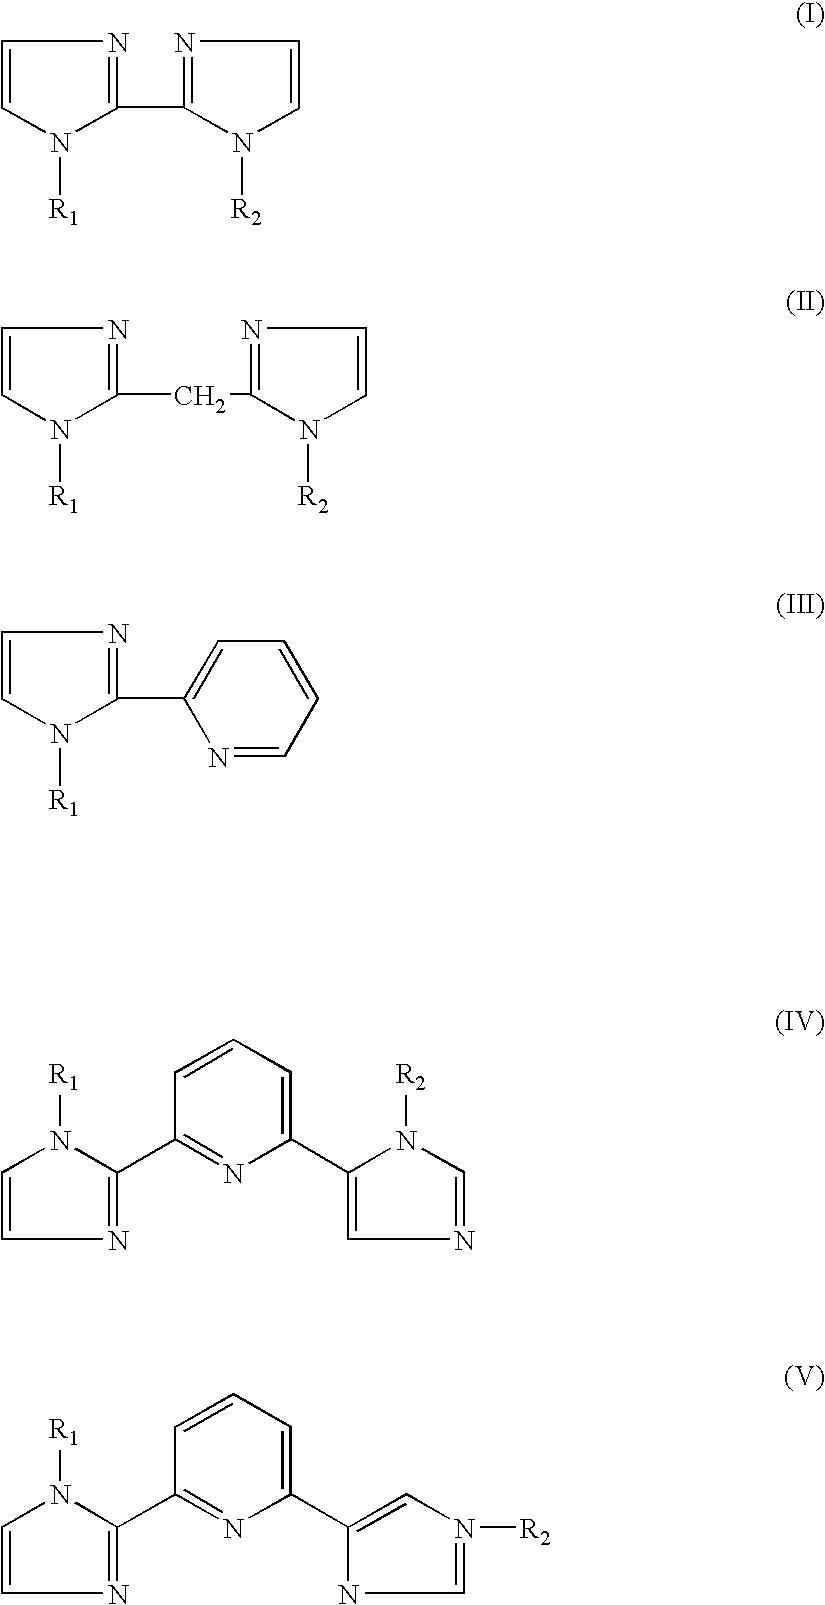 Figure US07563350-20090721-C00001